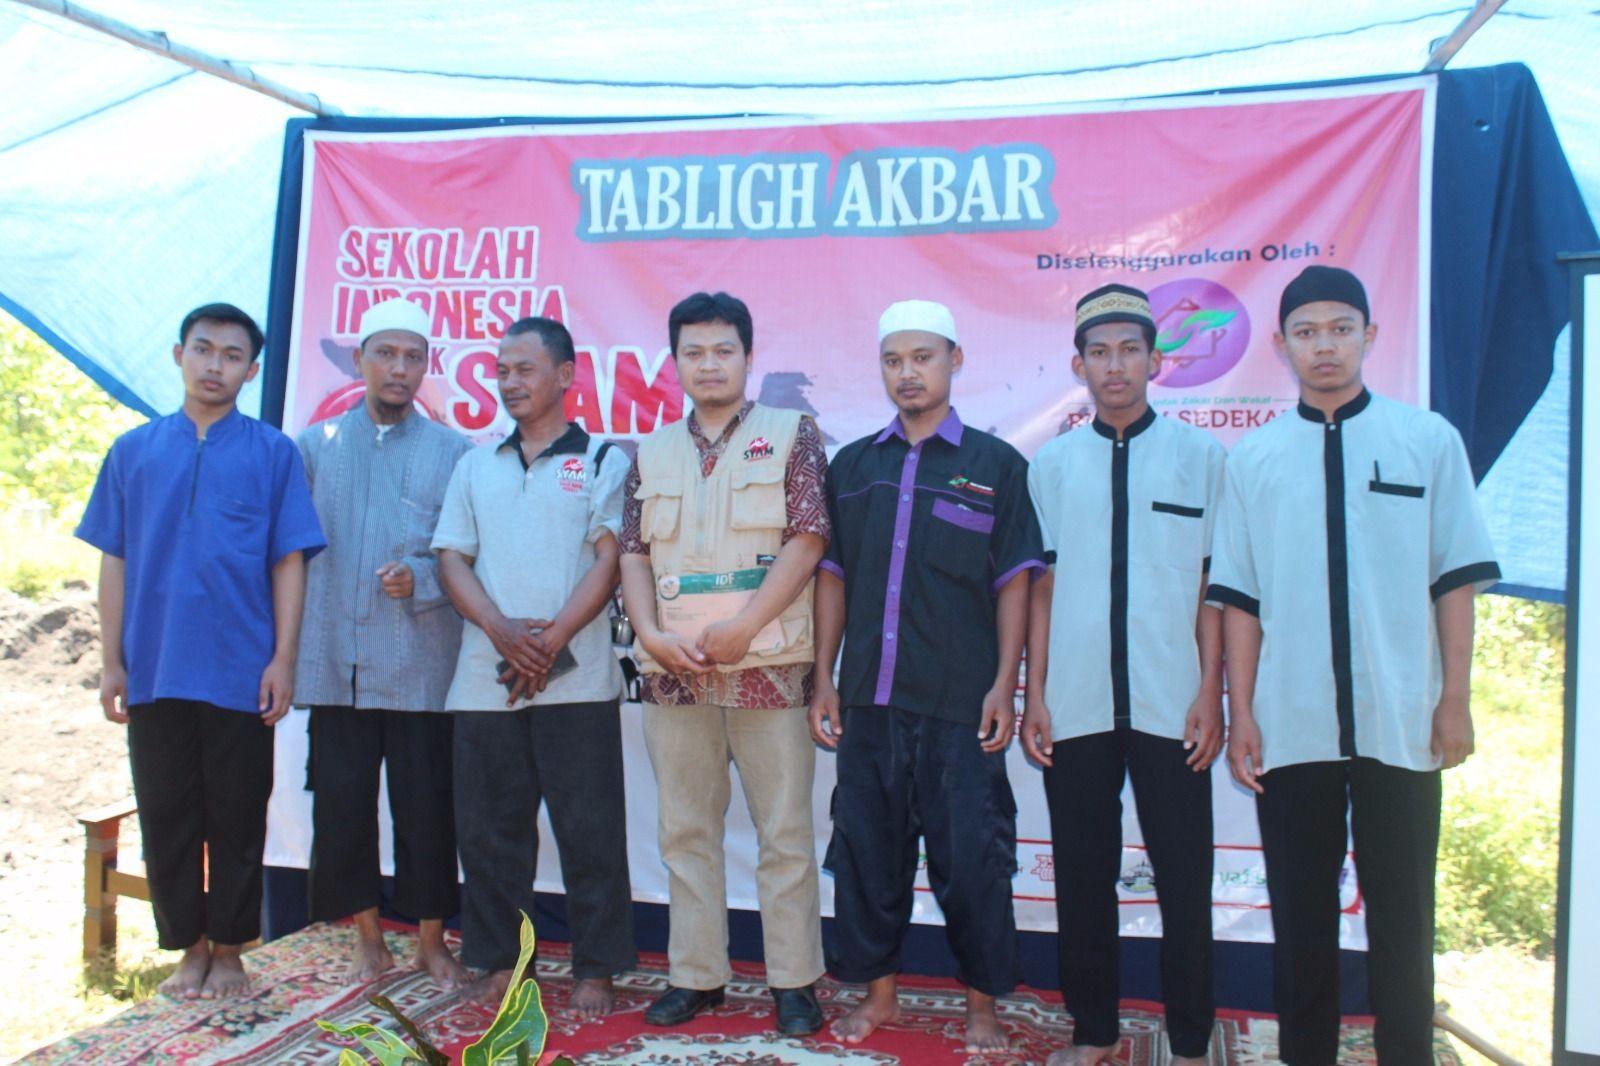 Tabligh Akbar Solidaritas Untuk Syam